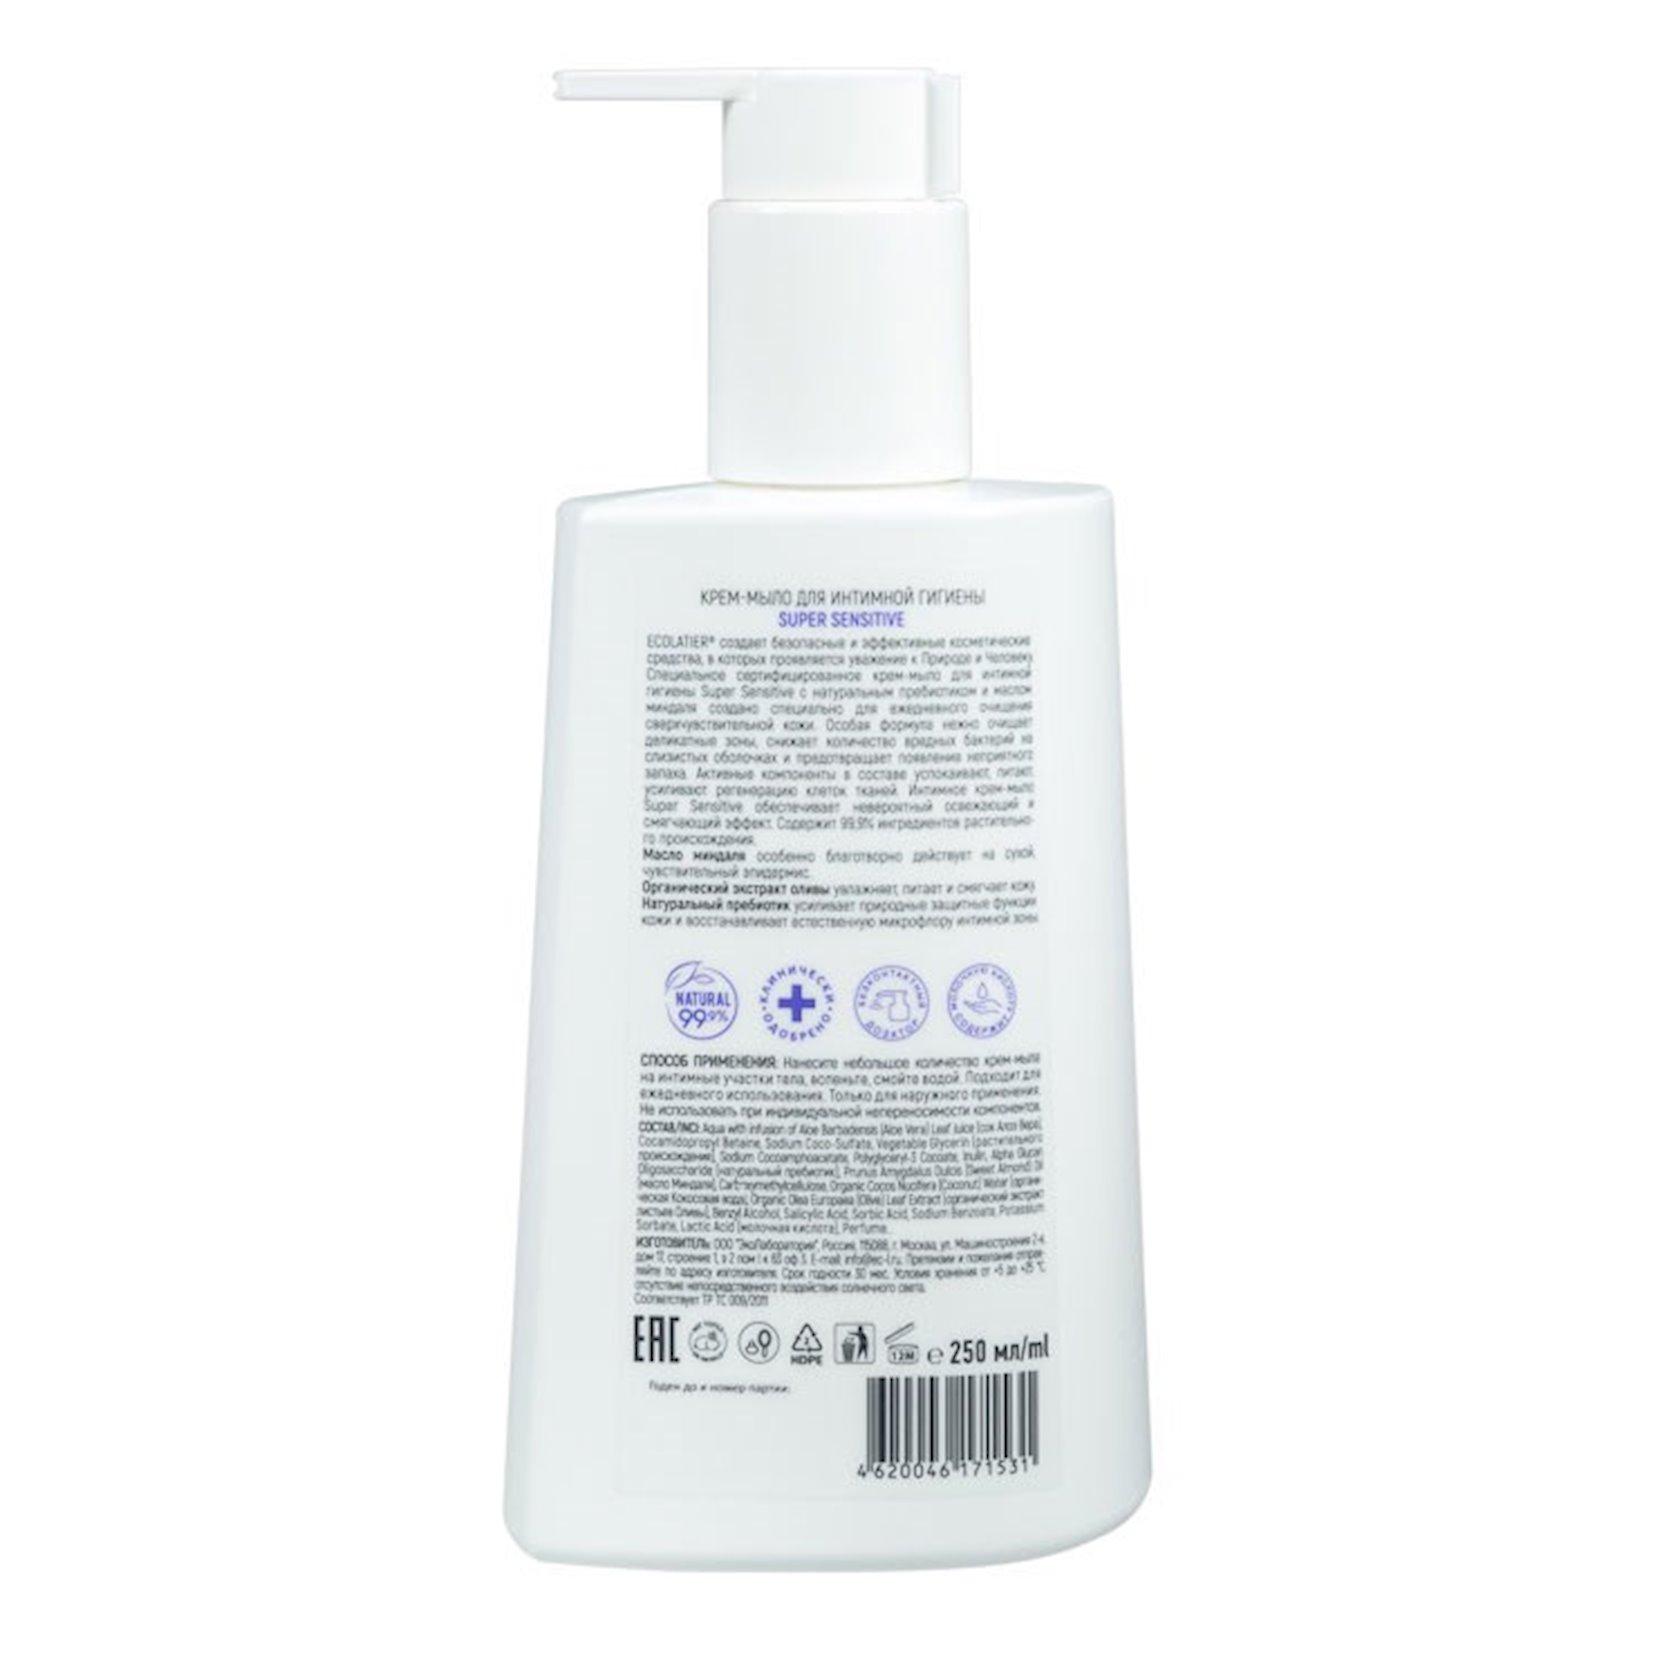 Krem-sabun intim gigiyena üçün Ecolatier Super Sensitive həssas dəri üçün, 250 ml